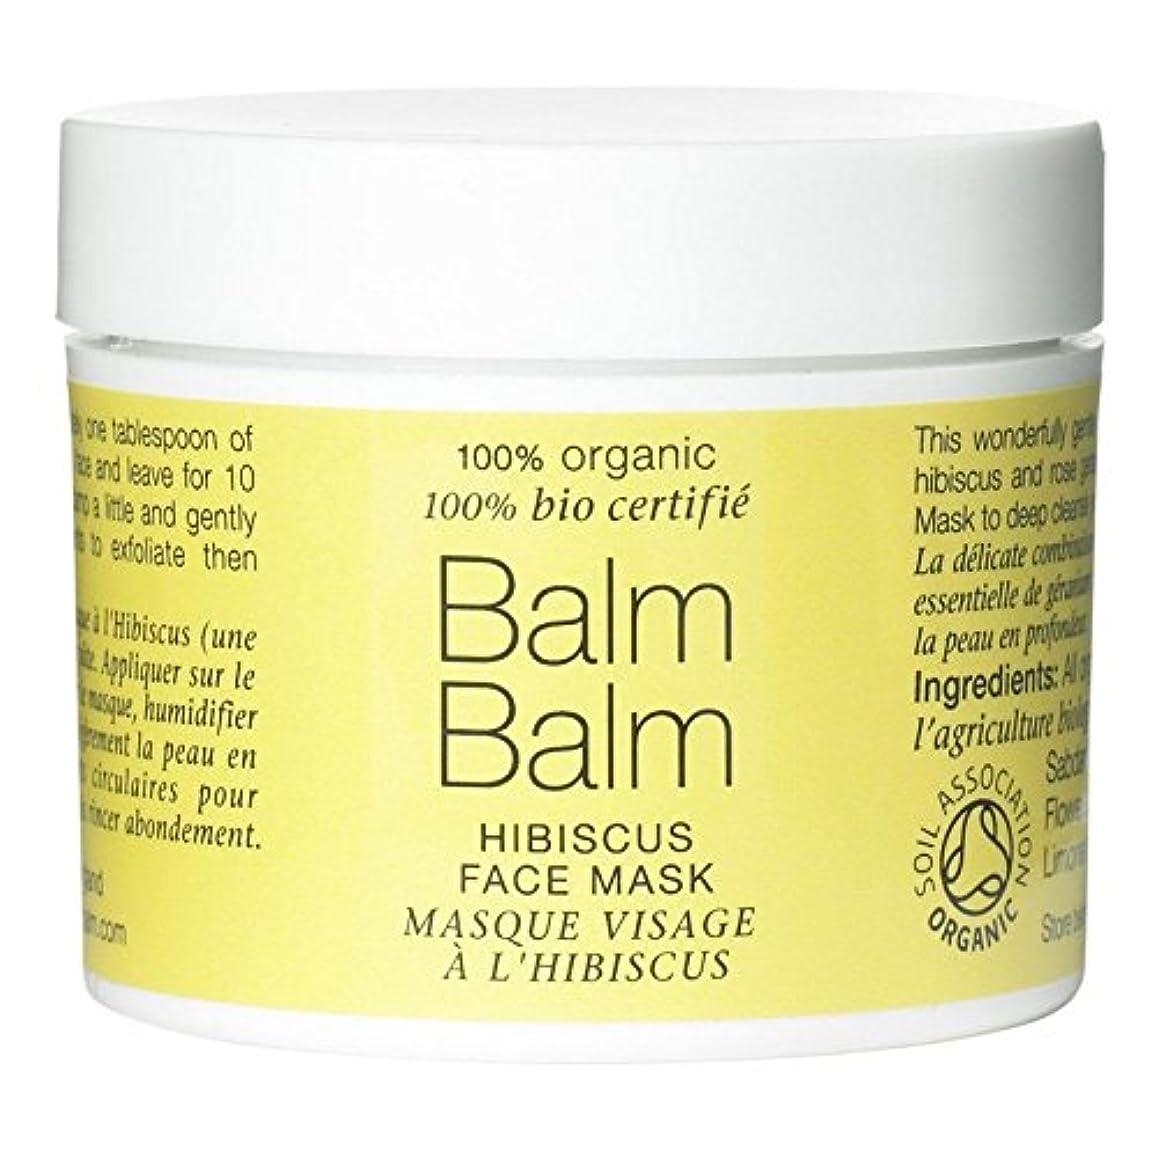 つなぐベッドを作る喉が渇いたバームバームオーガニックハイビスカスフェイスマスク100グラム x4 - Balm Balm Organic Hibiscus Face Mask 100g (Pack of 4) [並行輸入品]